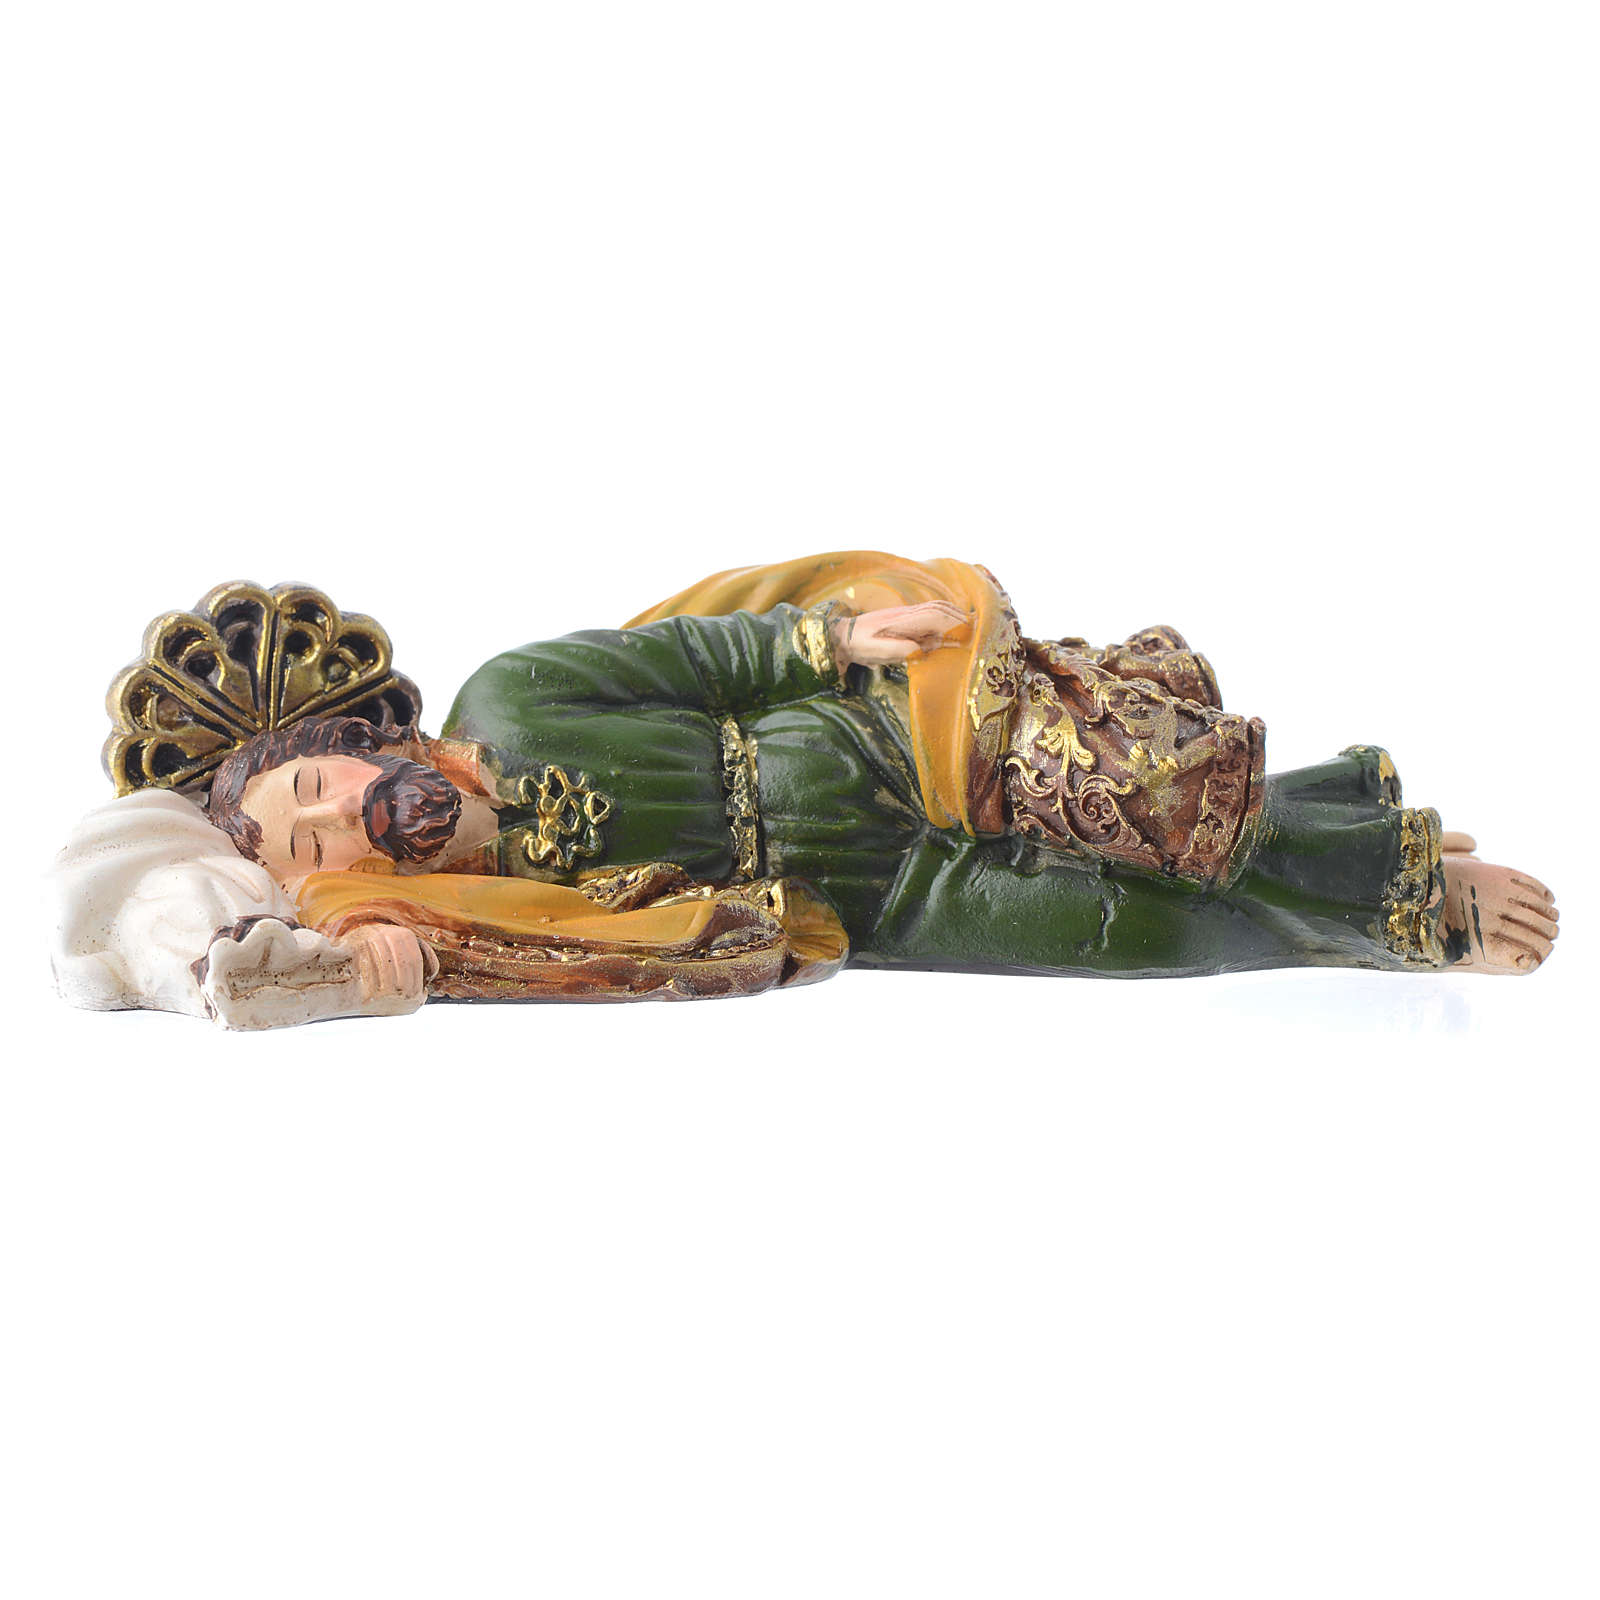 Schlafender Josef 12cm PVC Packung MEHRSPRACHIGES GEBET 4